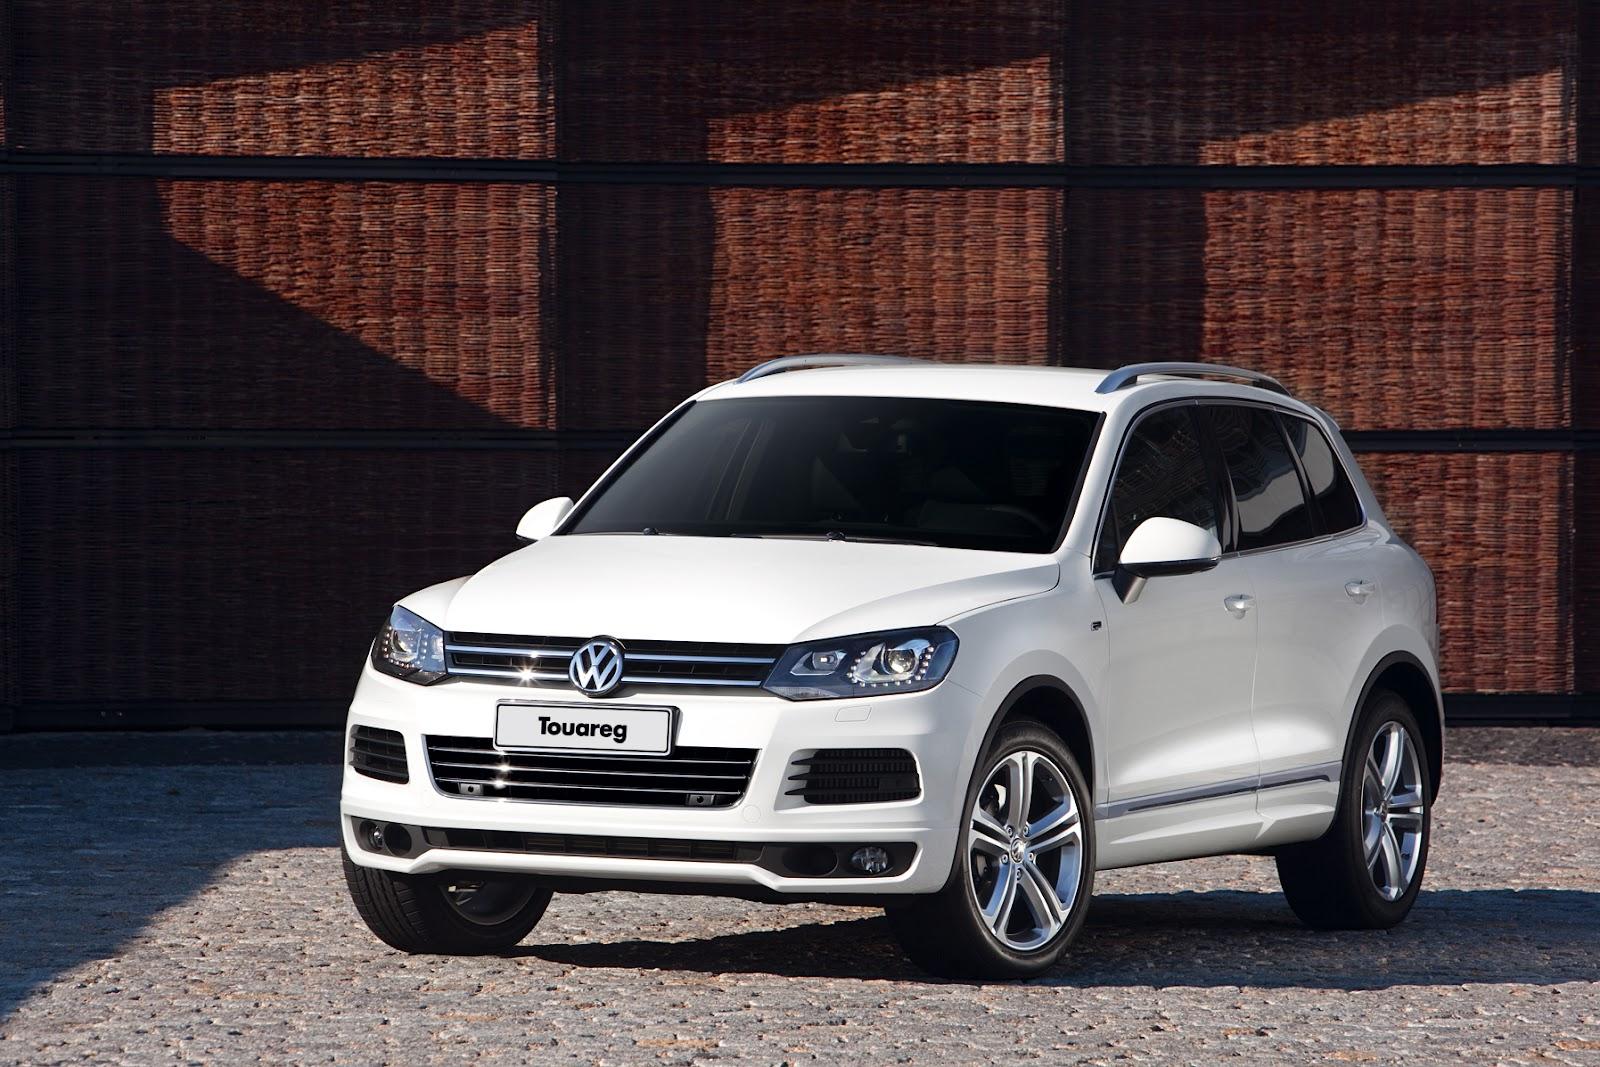 335aa62a25 É fato público e notório que o Volkswagen Touareg e o Porsche Cayenne são  primos entre si